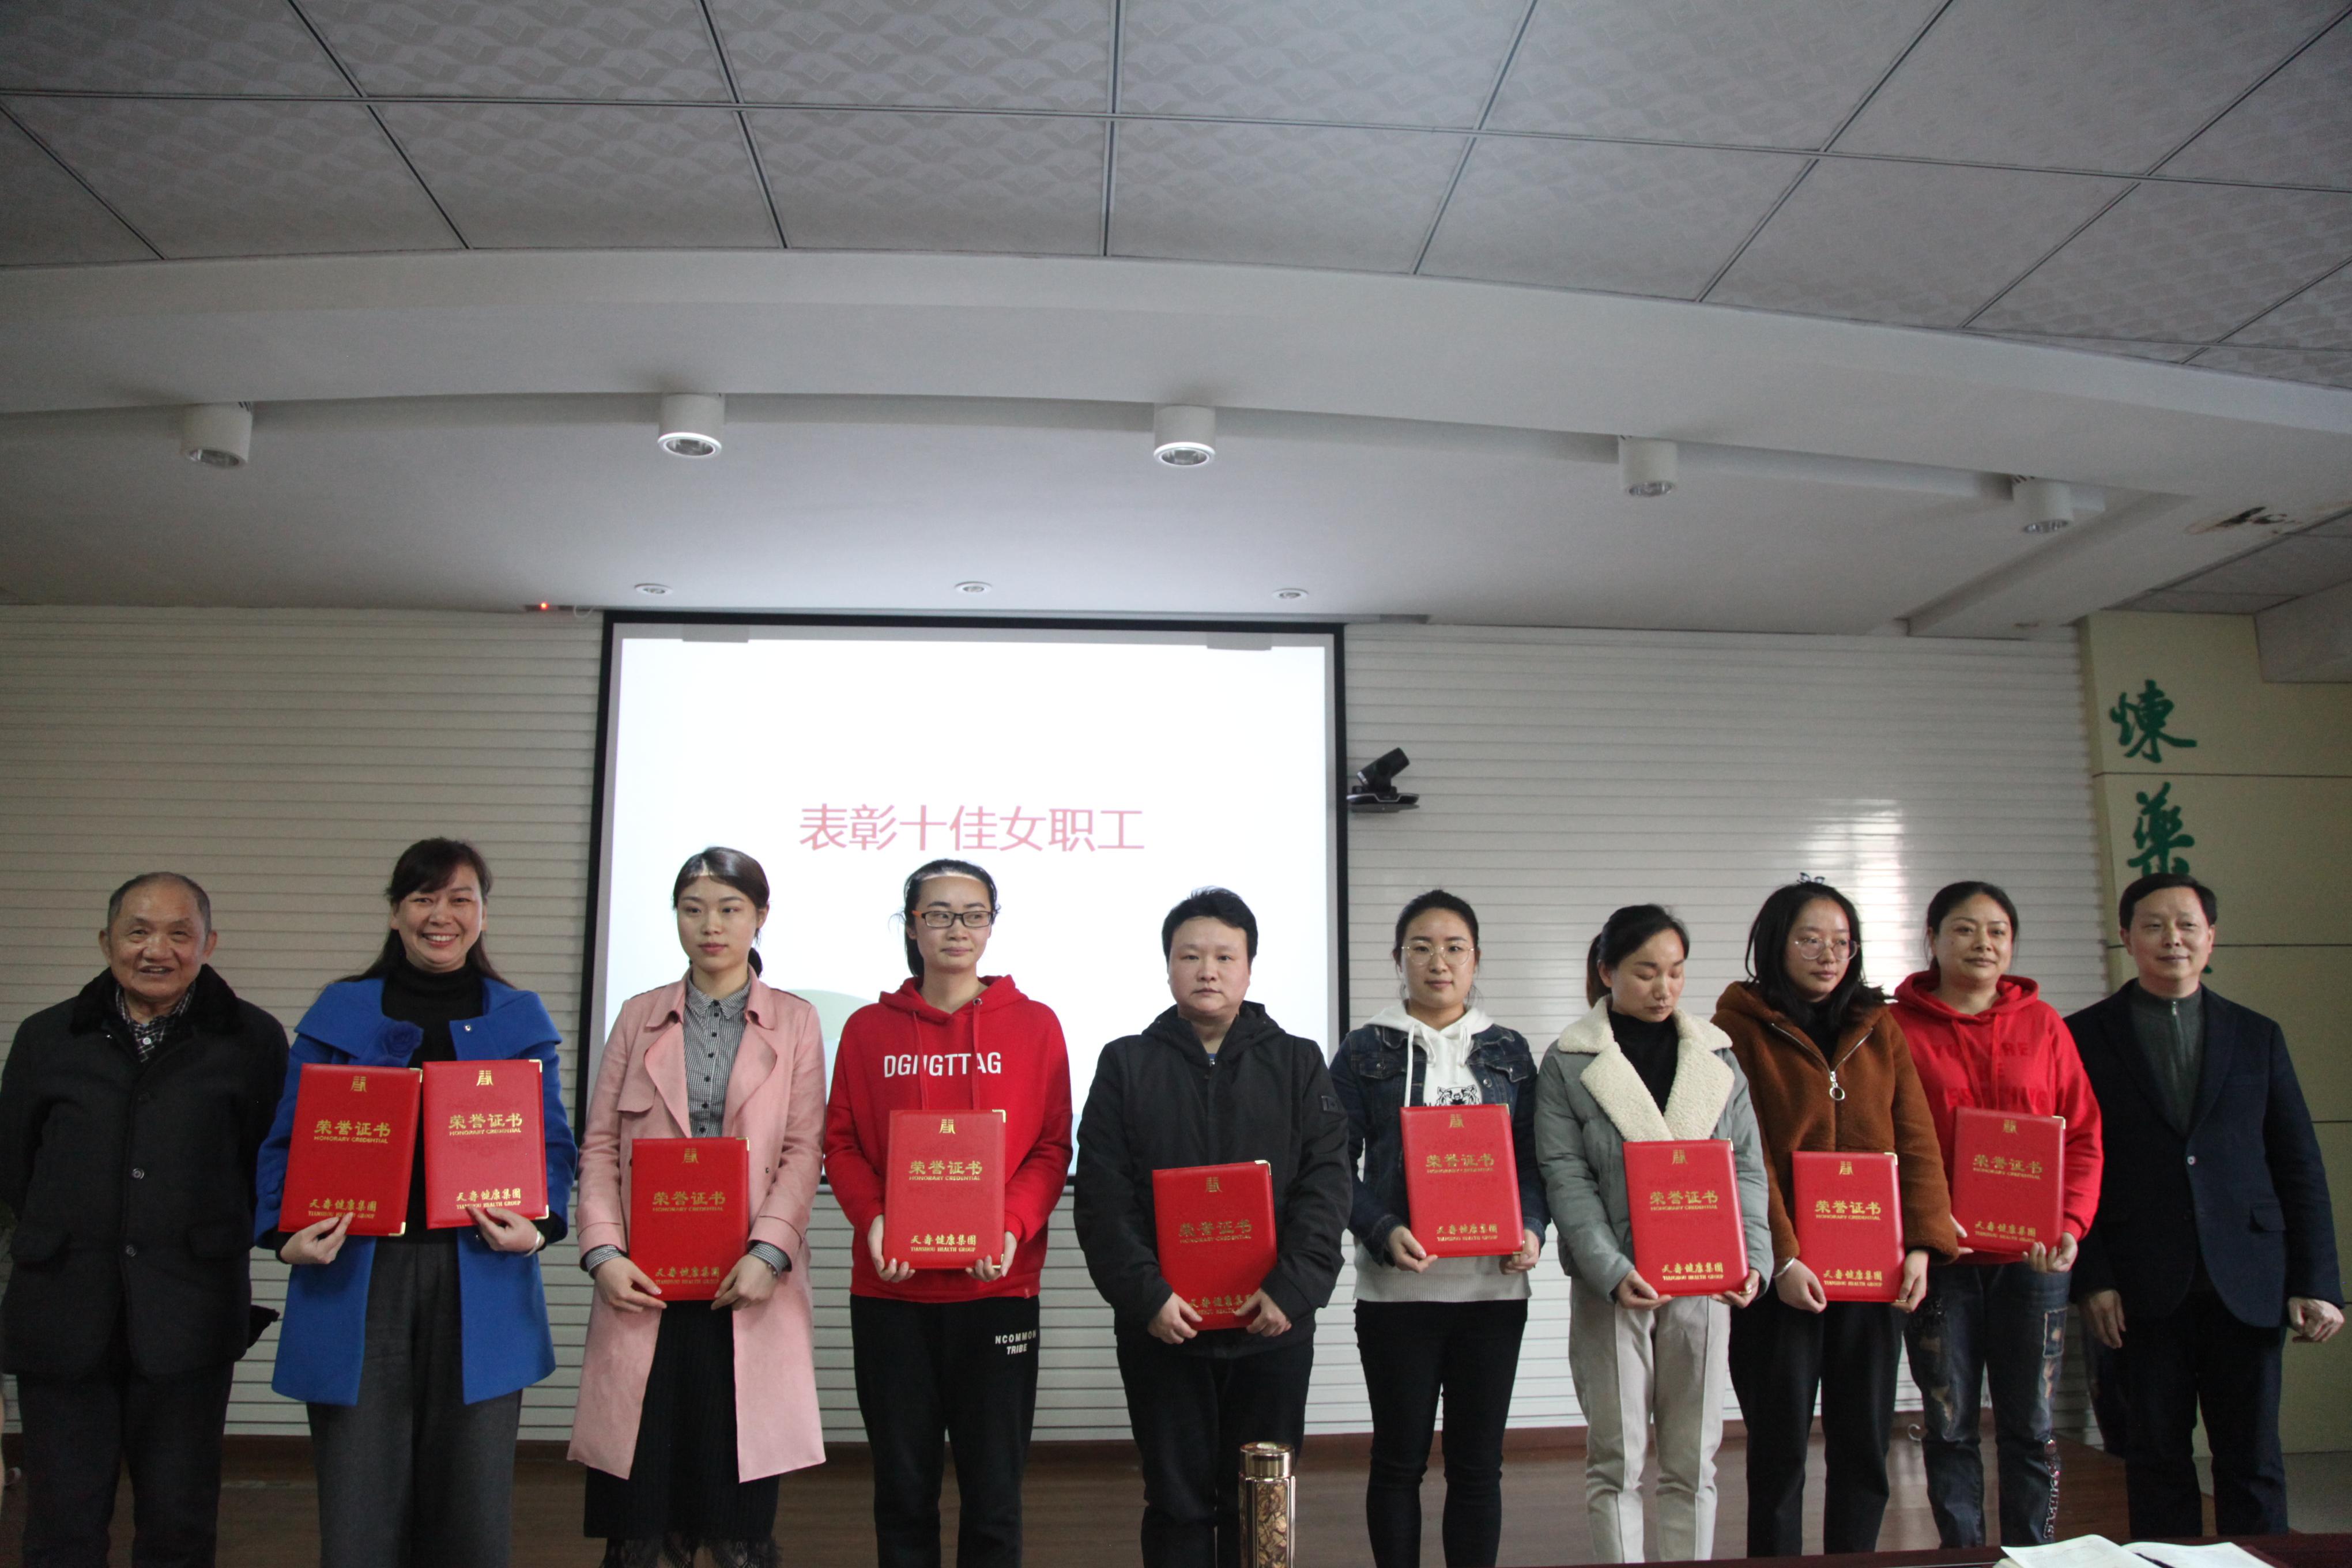 天寿健康集团召开三月干部会